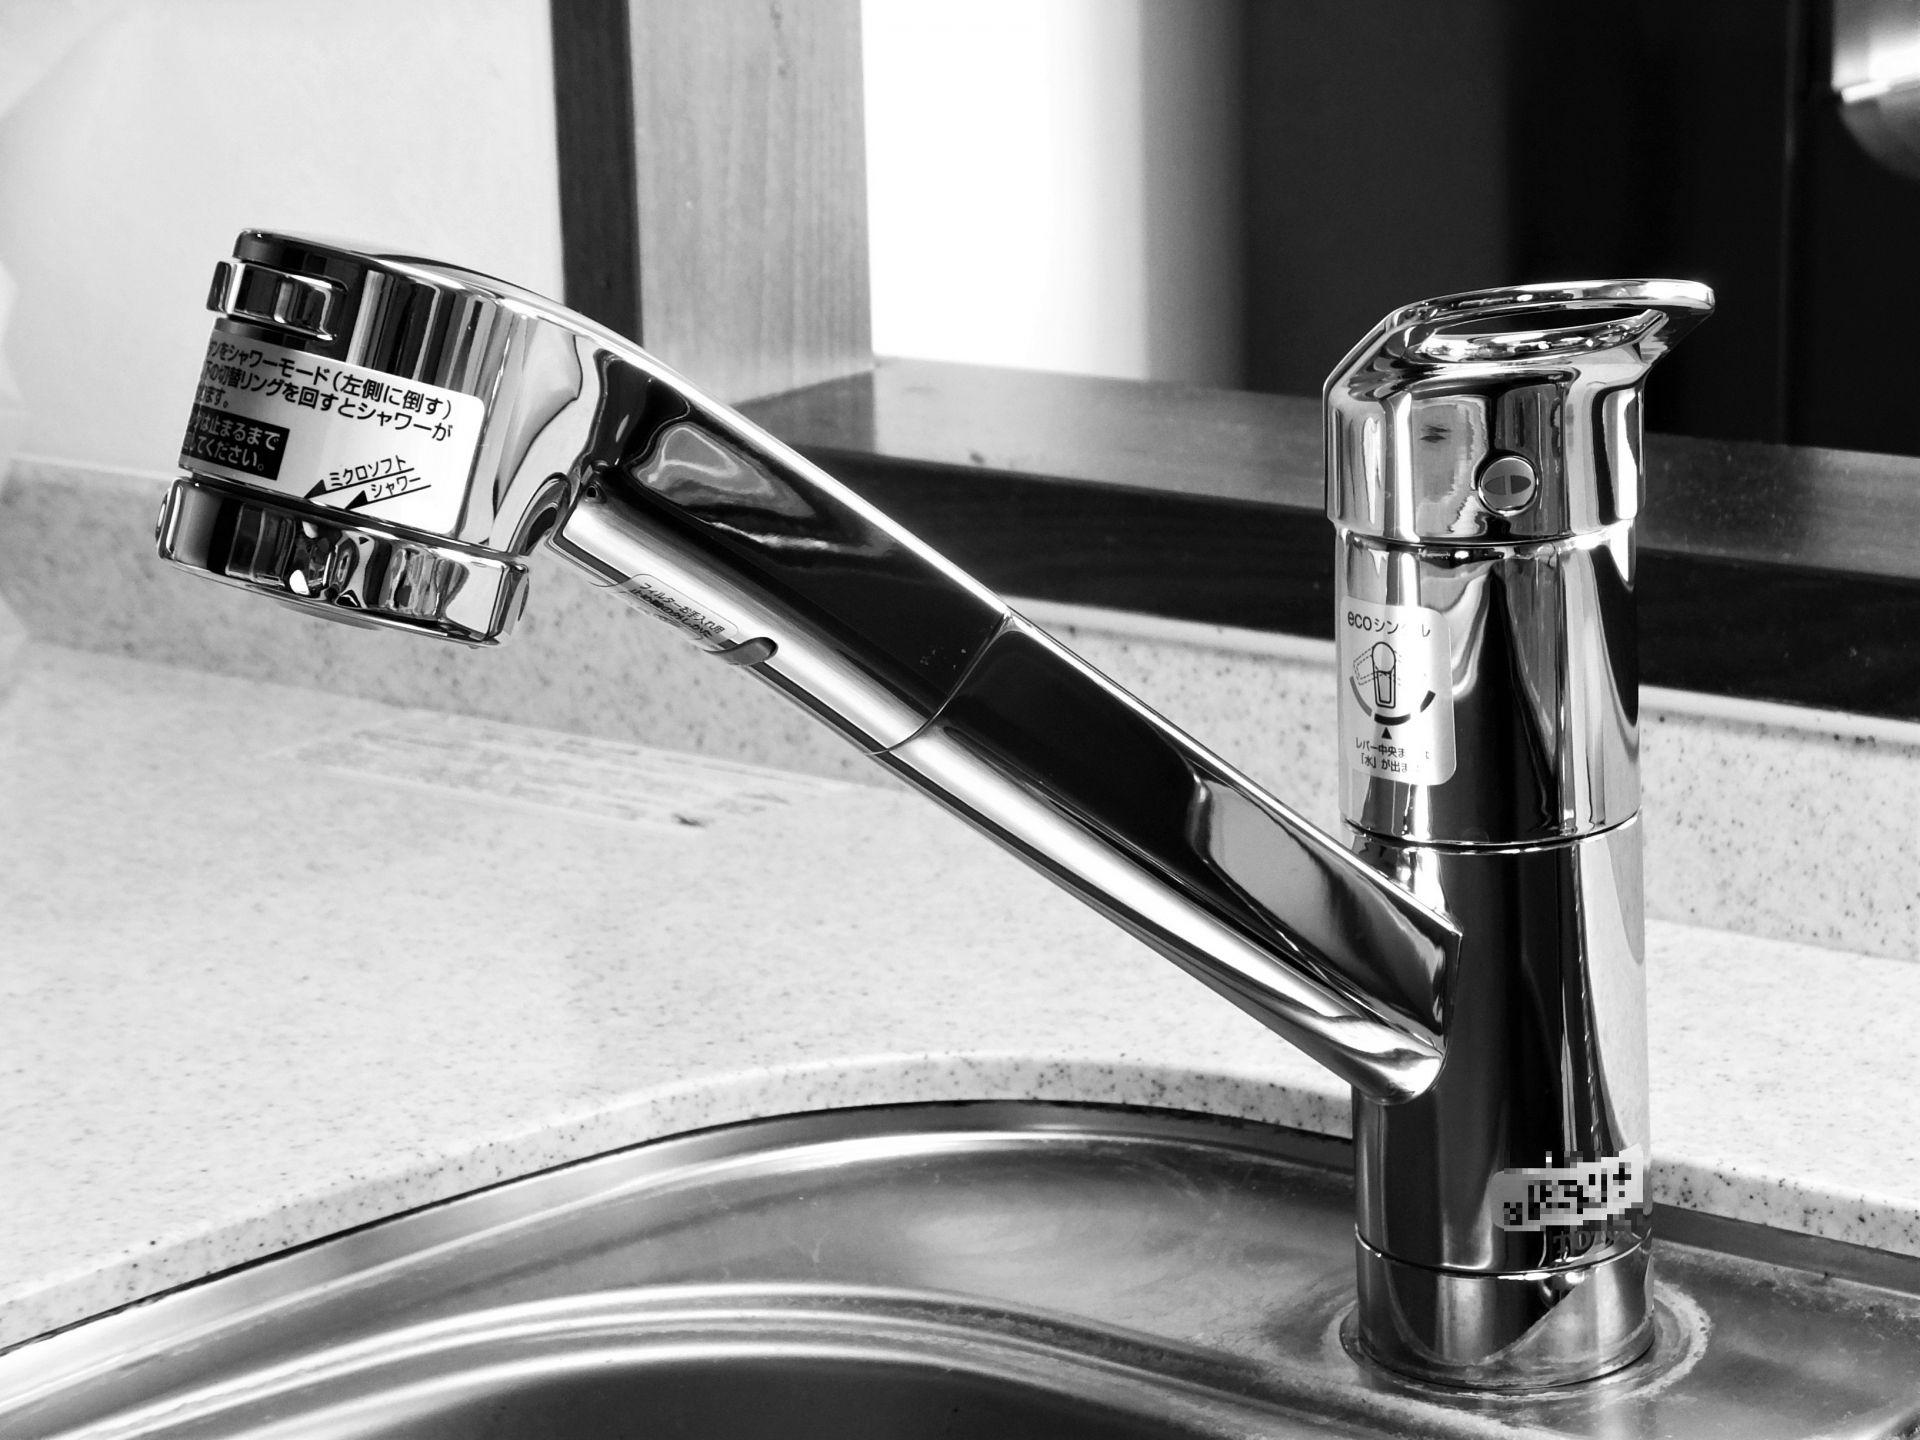 「シングルレバー混合水栓」とは何か?|誰でもわかるリノベ用語集